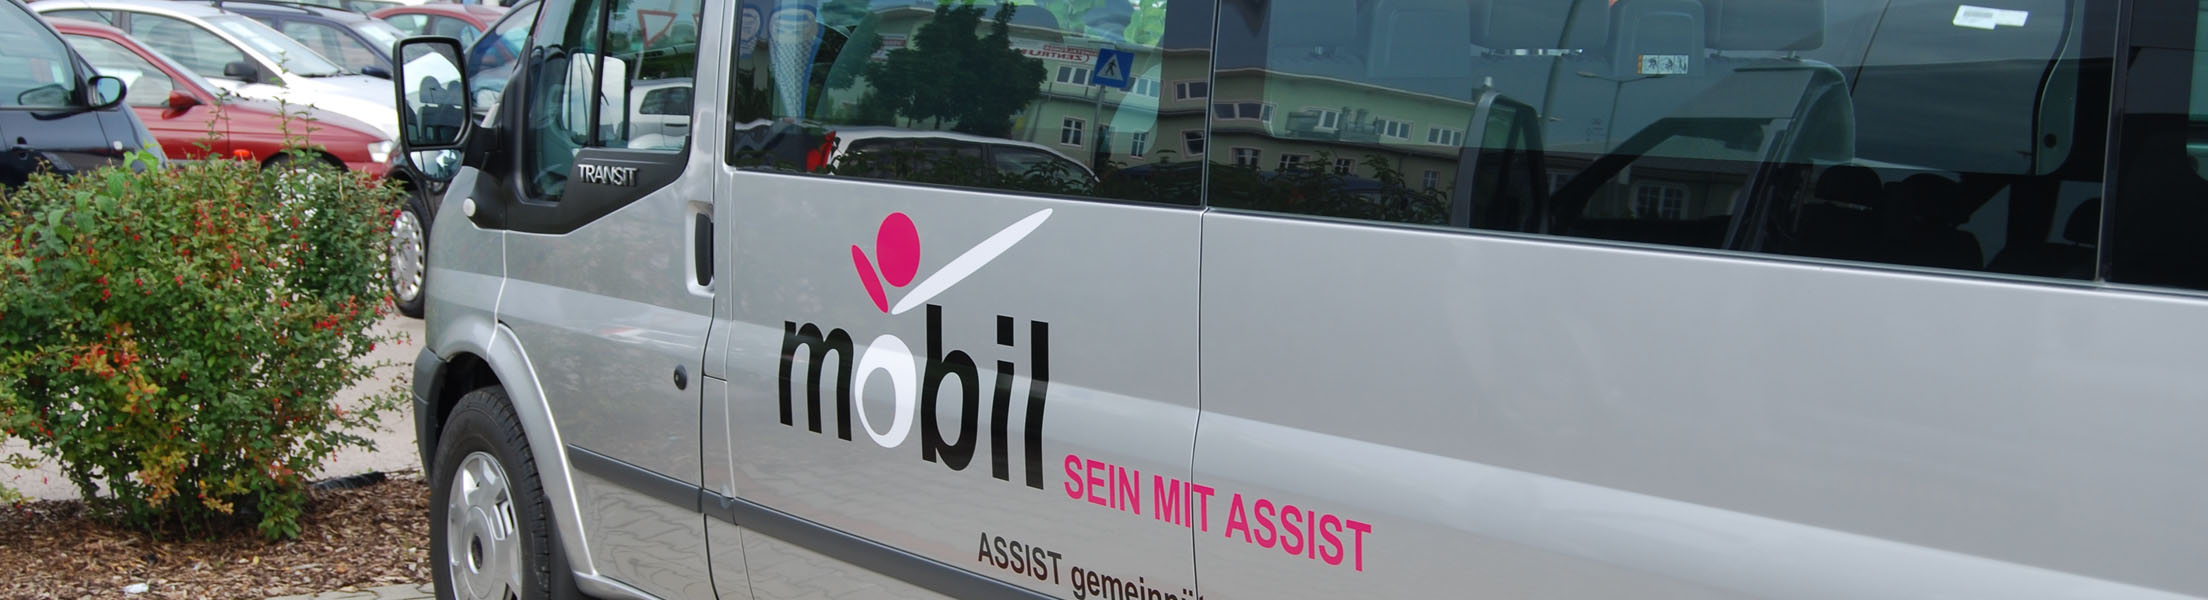 """ASSIST-Bus von der Seite abgebildet mit dem Logo """"mobil sein mit ASSIST"""" darauf."""